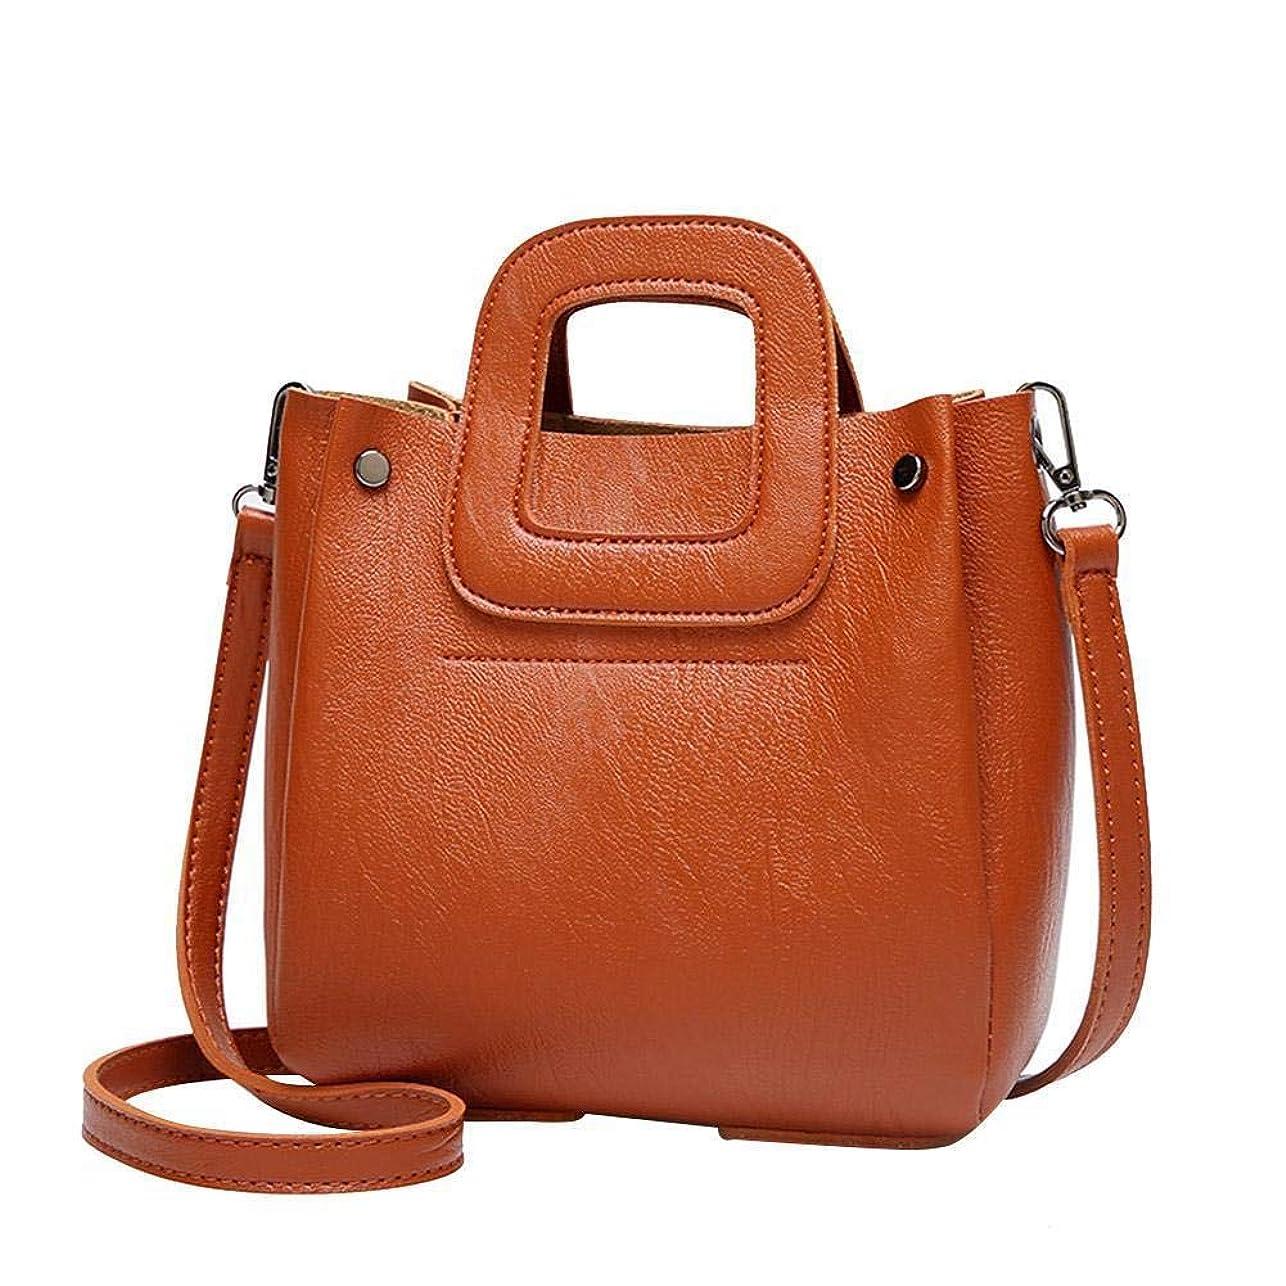 探偵ワゴン結婚式ファッション > レディース > バッグ?財布 > バッグ > ショルダーバッグ/Women Solid Handbag Crossbody Bag Leather Shoulder Satchel Messenger Bags Clutch